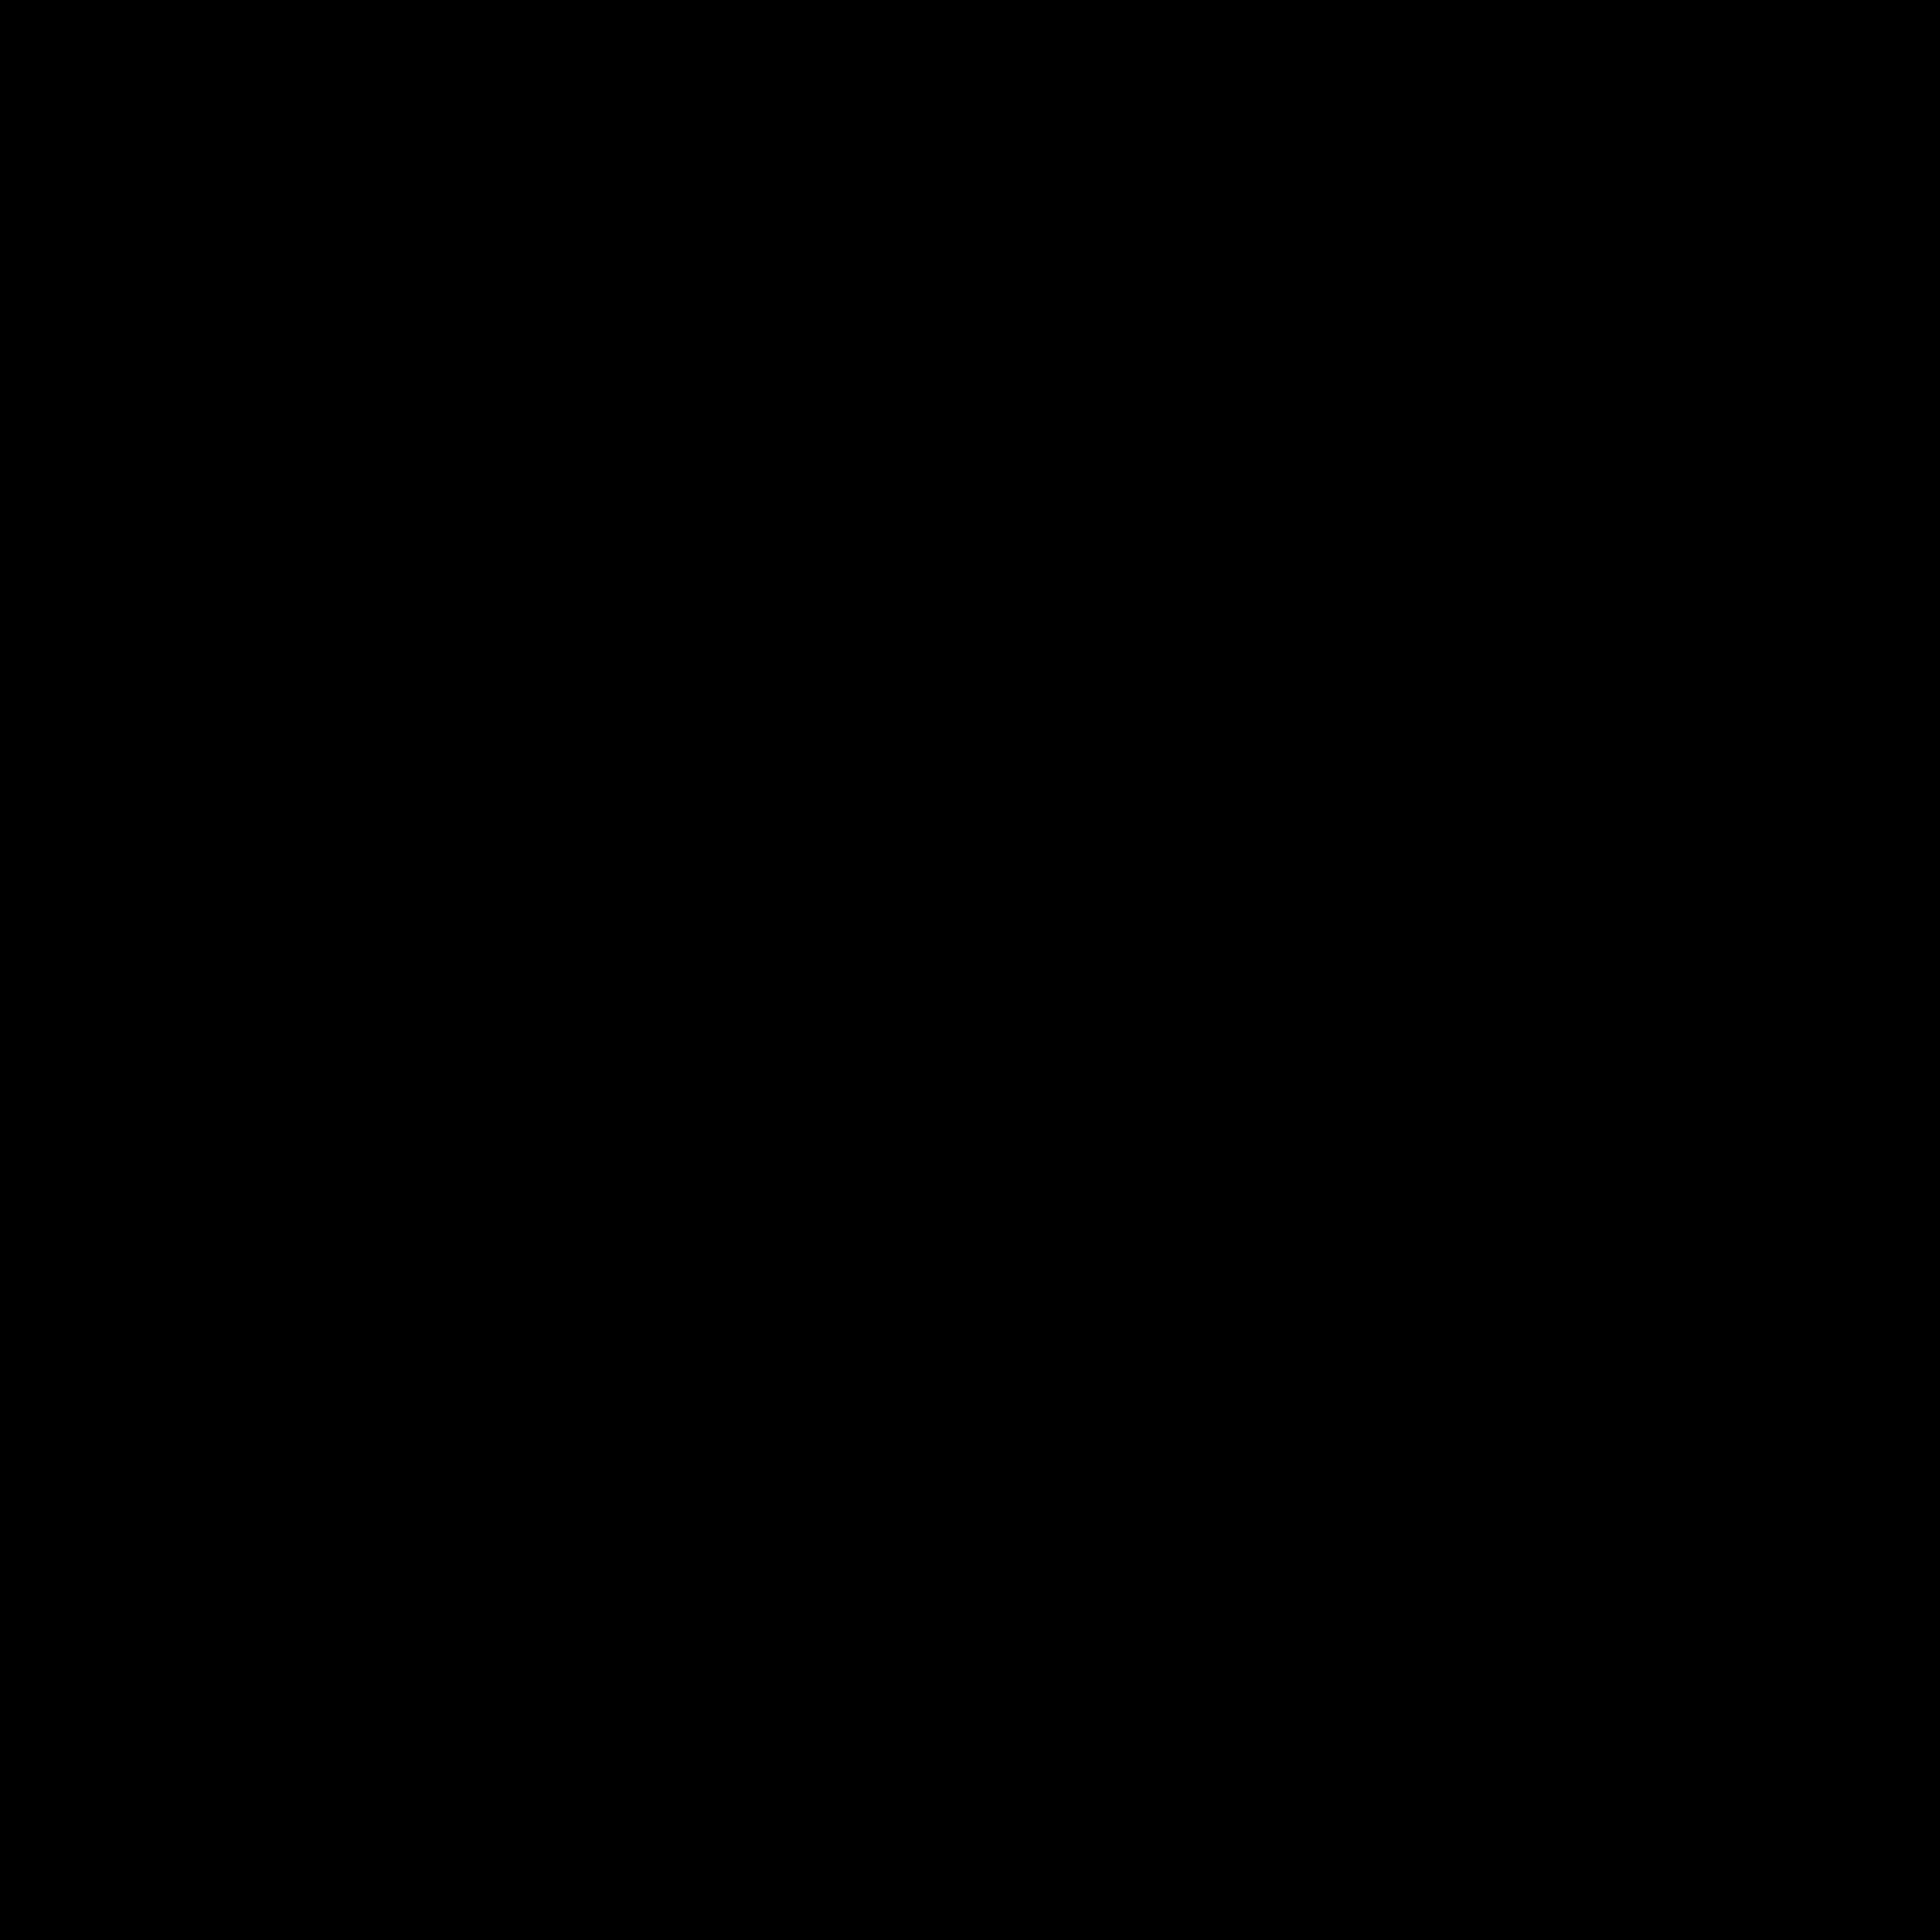 Borussia Freialdenhoven logo